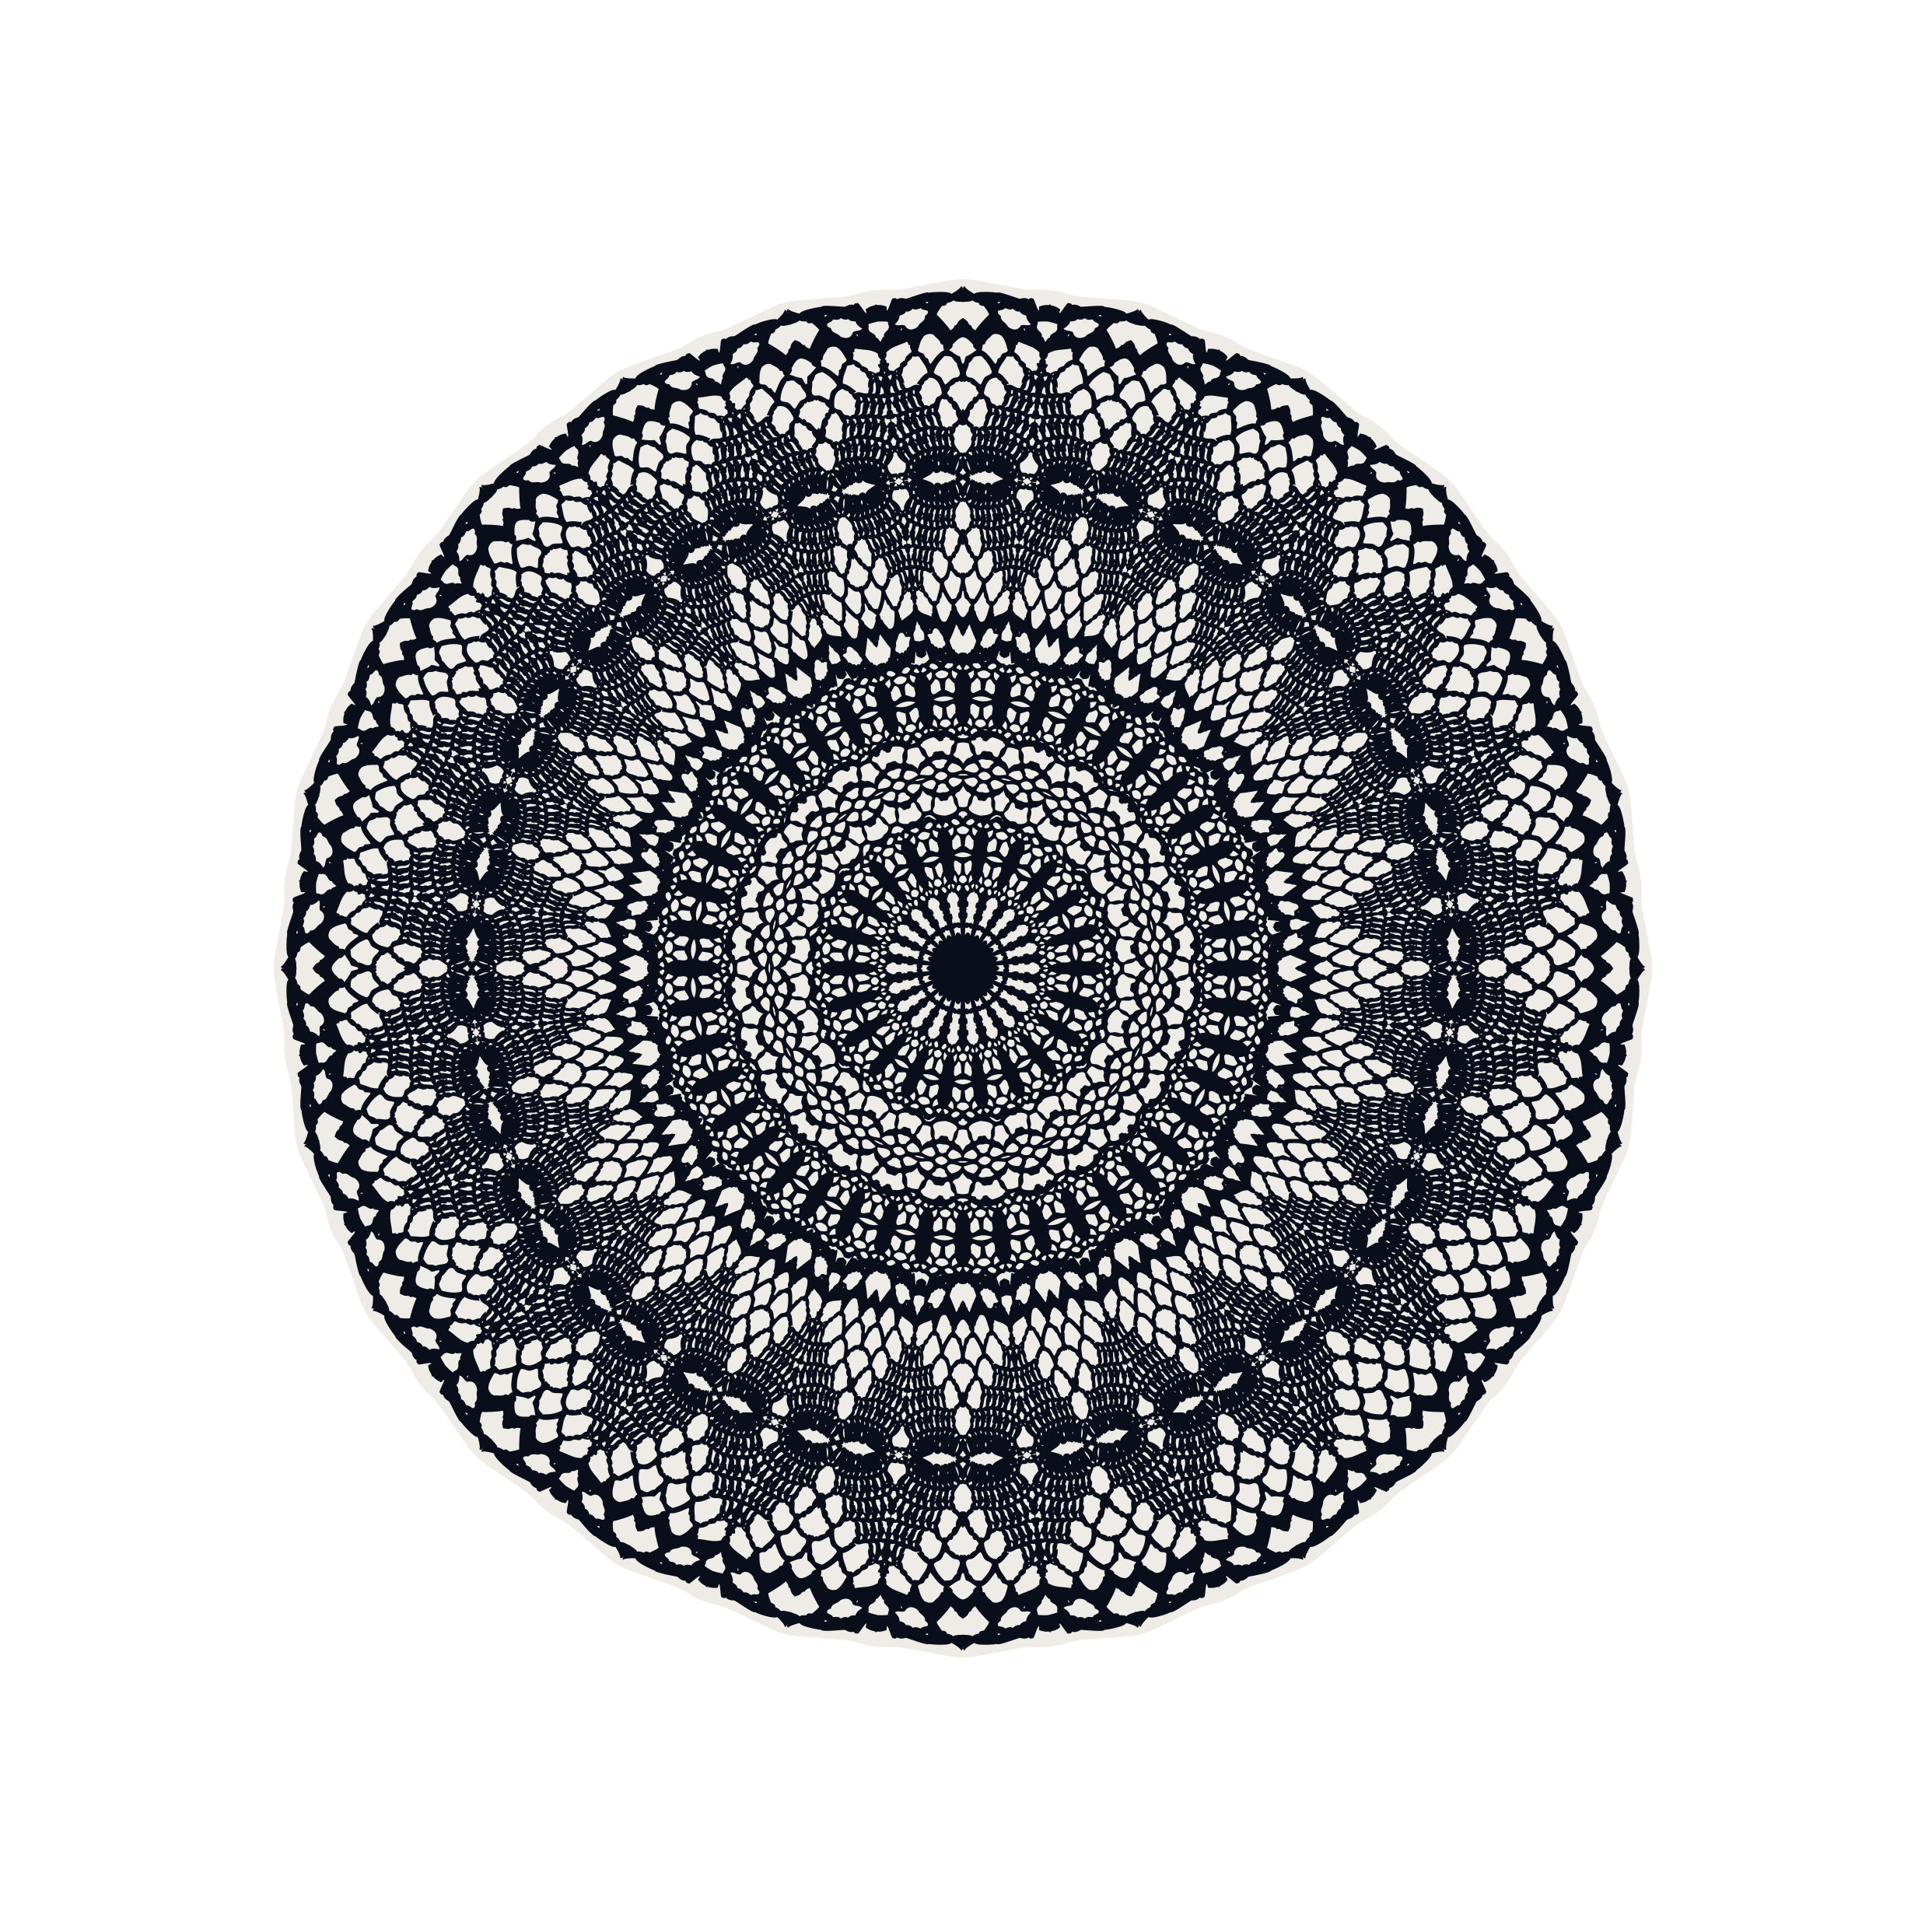 Full Size of Teppich Black Bombay N3 Von Pdevache Wei Schwarz Made In Design Für Küche Bad Wohnzimmer Vinylboden Im Verlegen Vinyl Fürs Steinteppich Teppiche Esstisch Wohnzimmer Vinyl Teppich